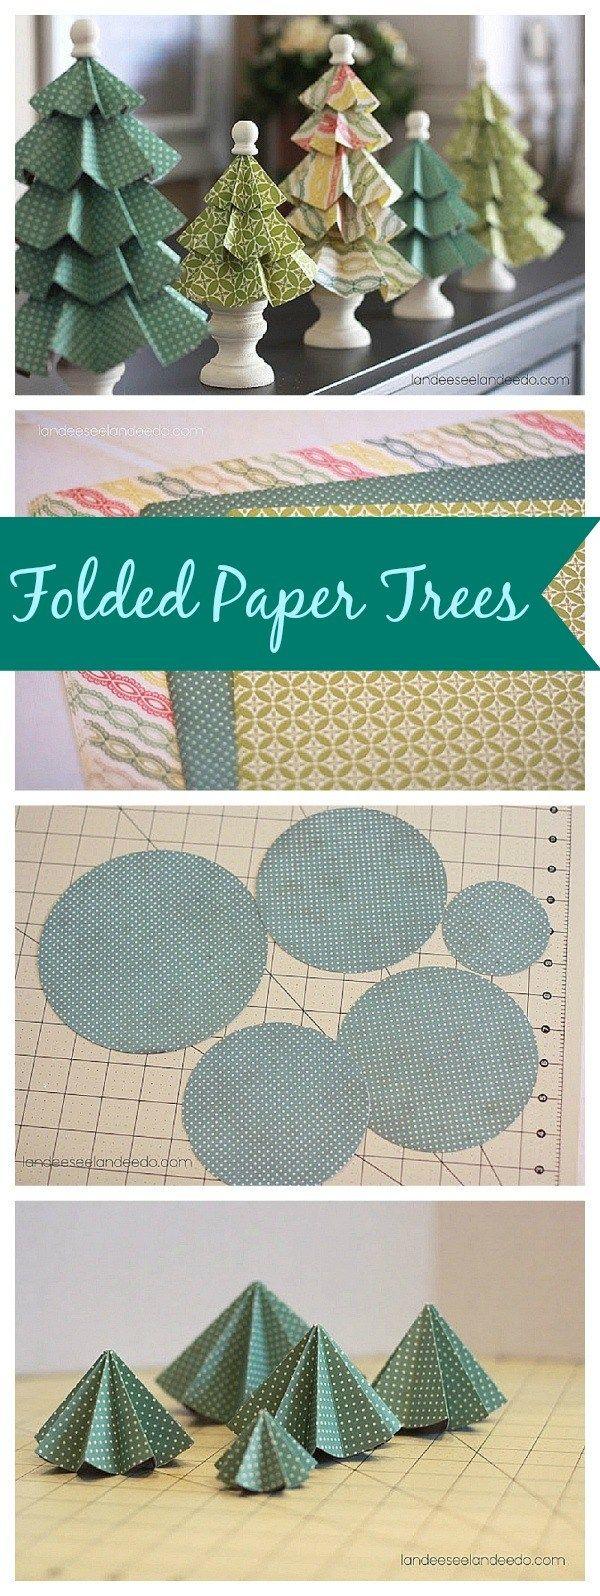 Arbres en papier pliées bricolage - Super mignon et facile Décorations de Noël!